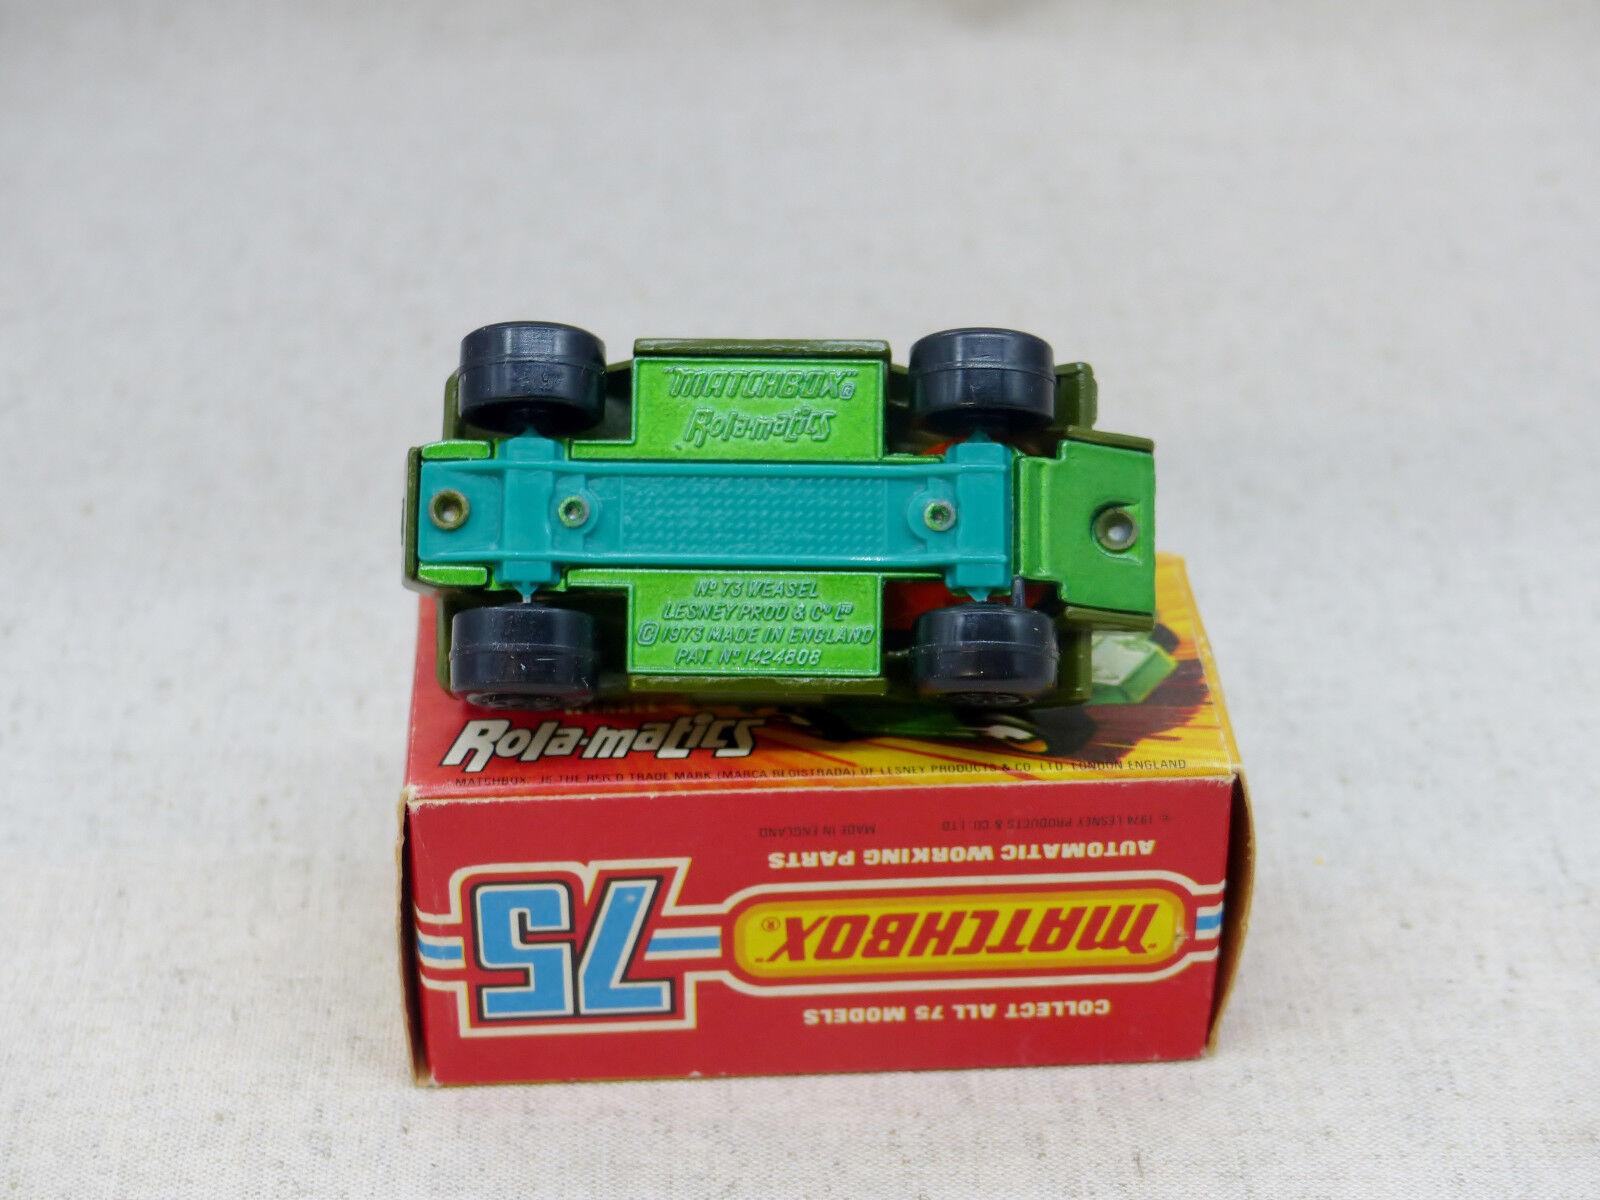 Matchbox Superfast 73 véhicule blindé militaire Weasel rare  Near Mint boxed  expédition rapide dans le monde entier